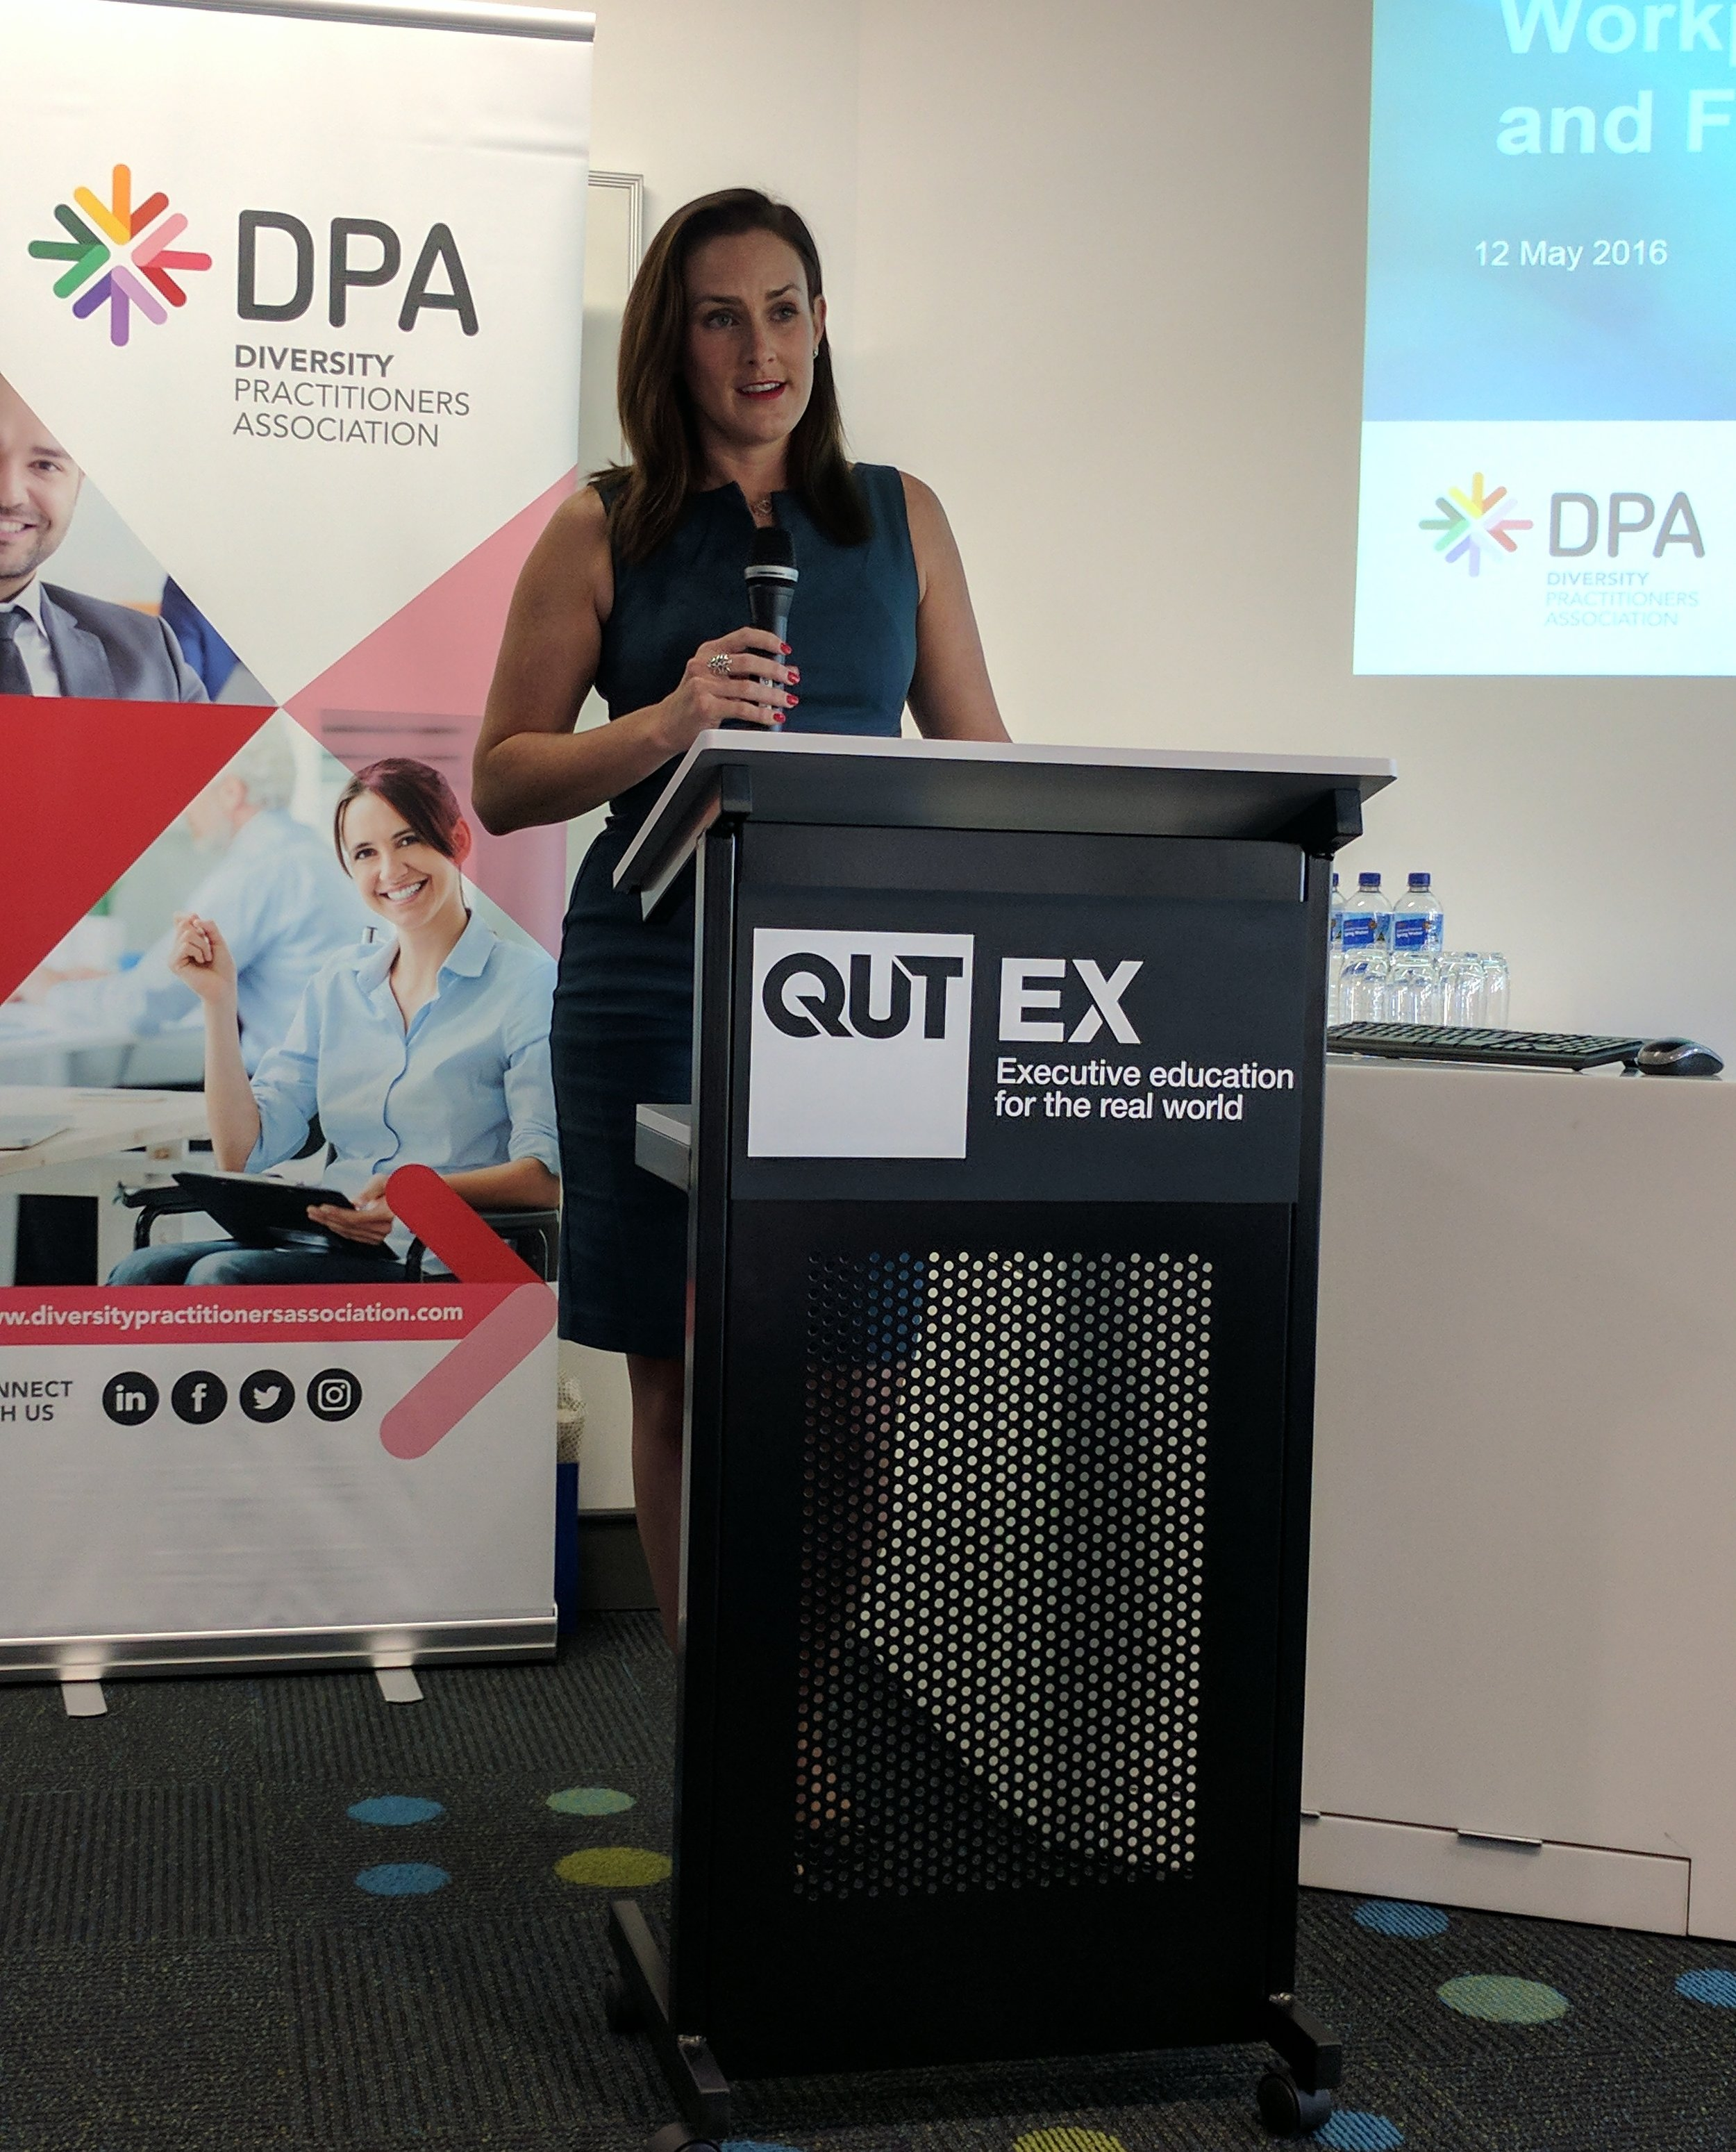 Penelope_DPA DFV Symposium.jpg